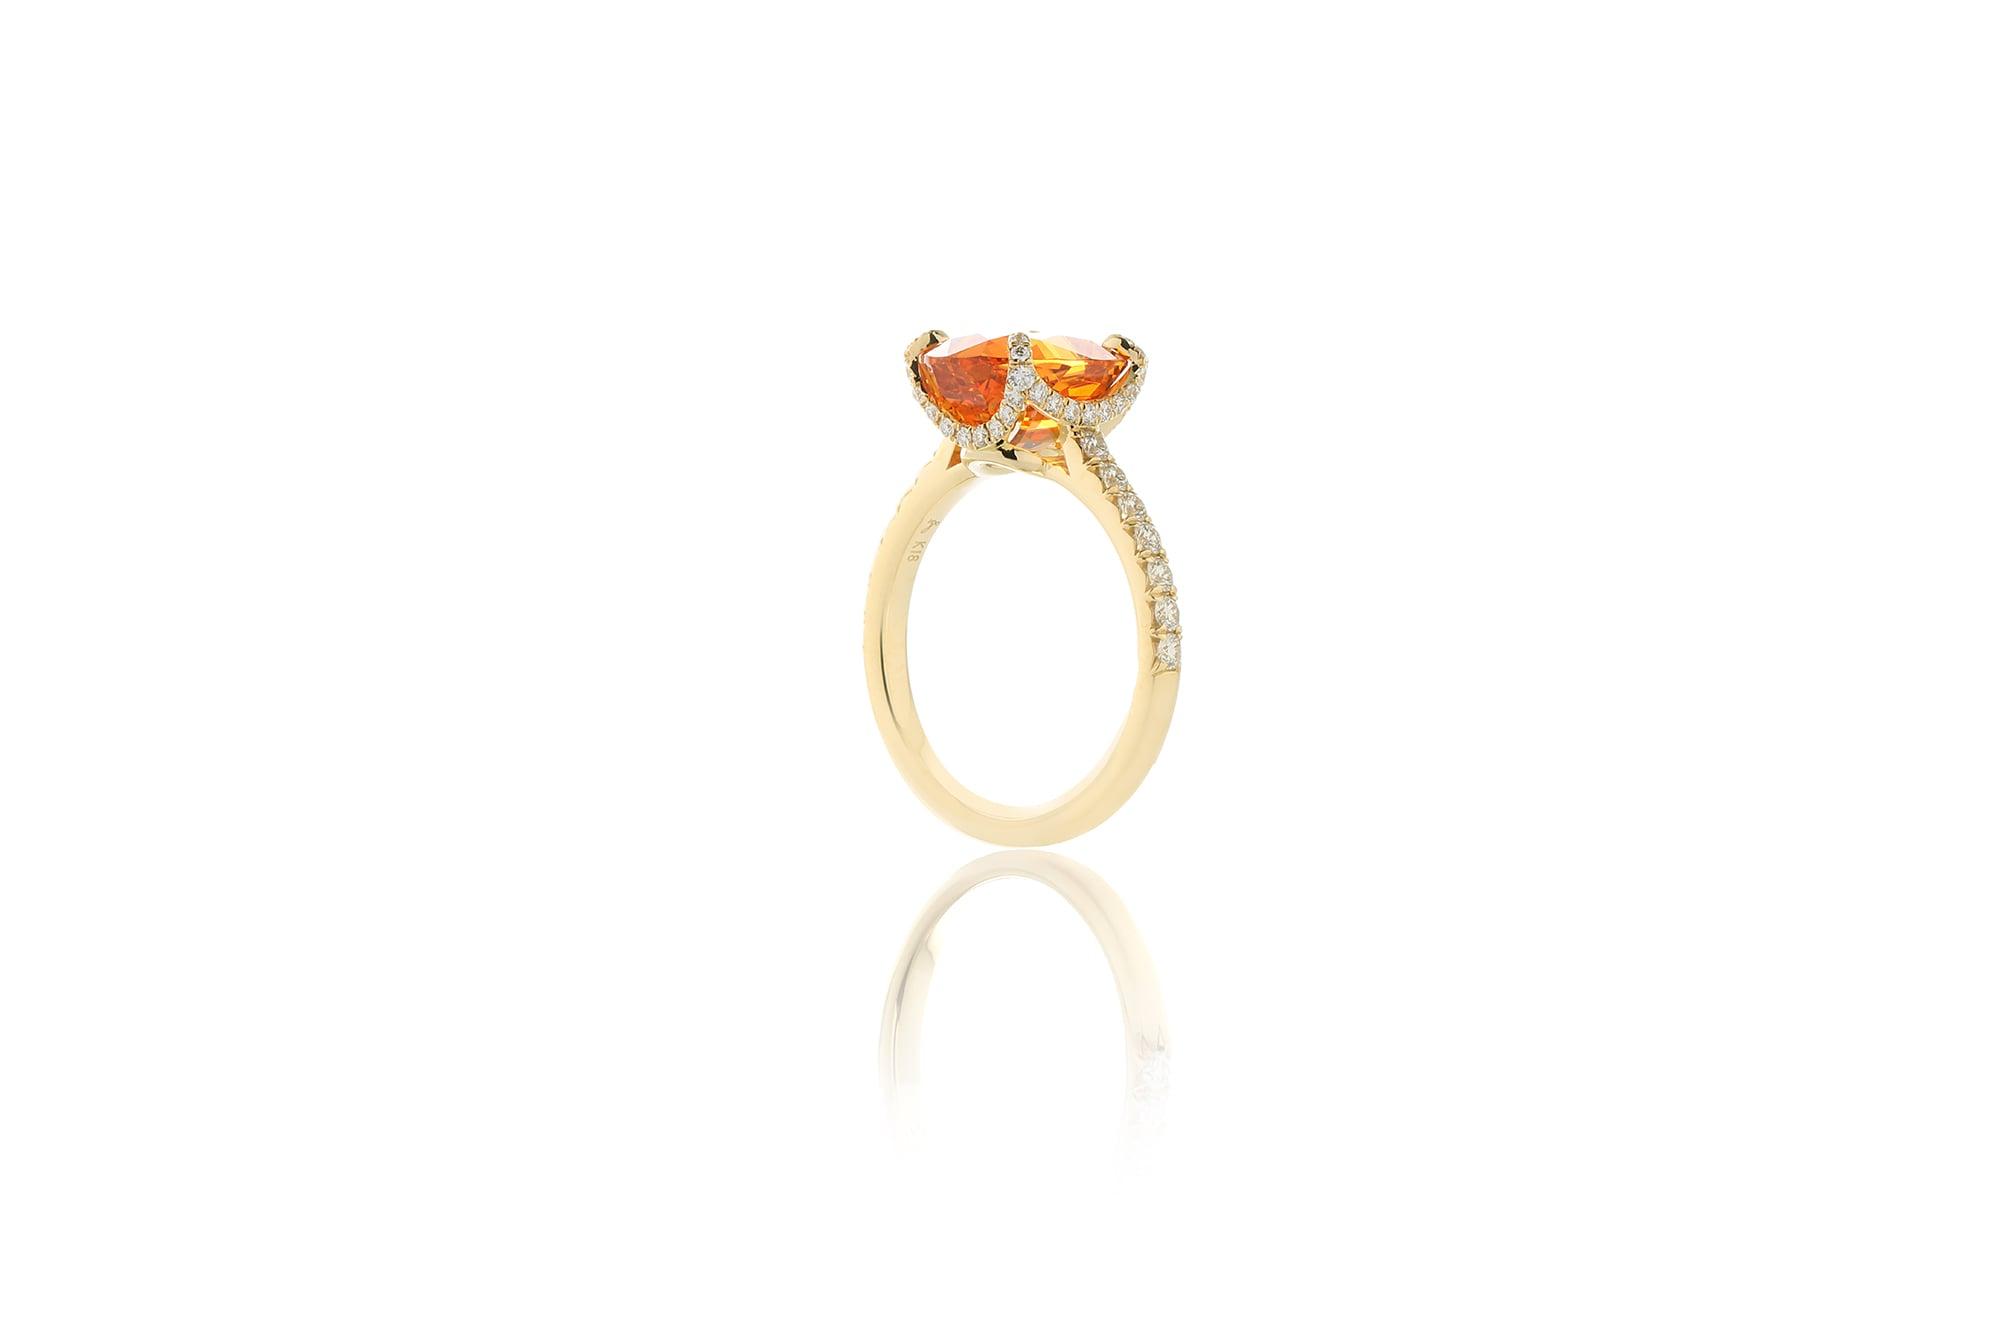 ダイヤモンドが連なるアームから爪までの流れが美しいリング。